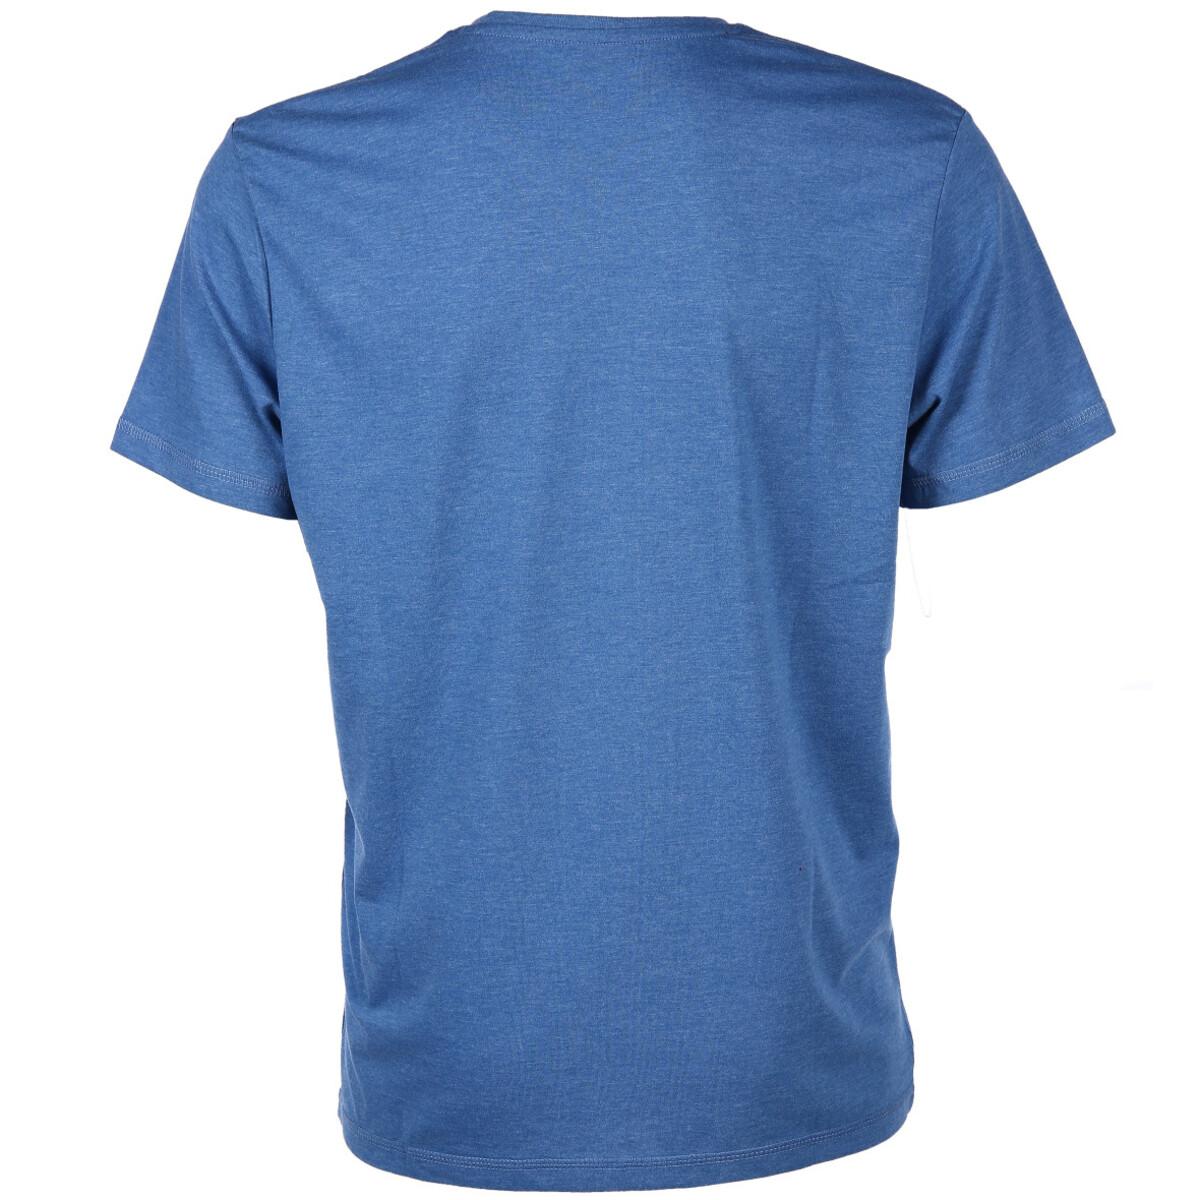 Bild 2 von Herren T-Shirt mit Print